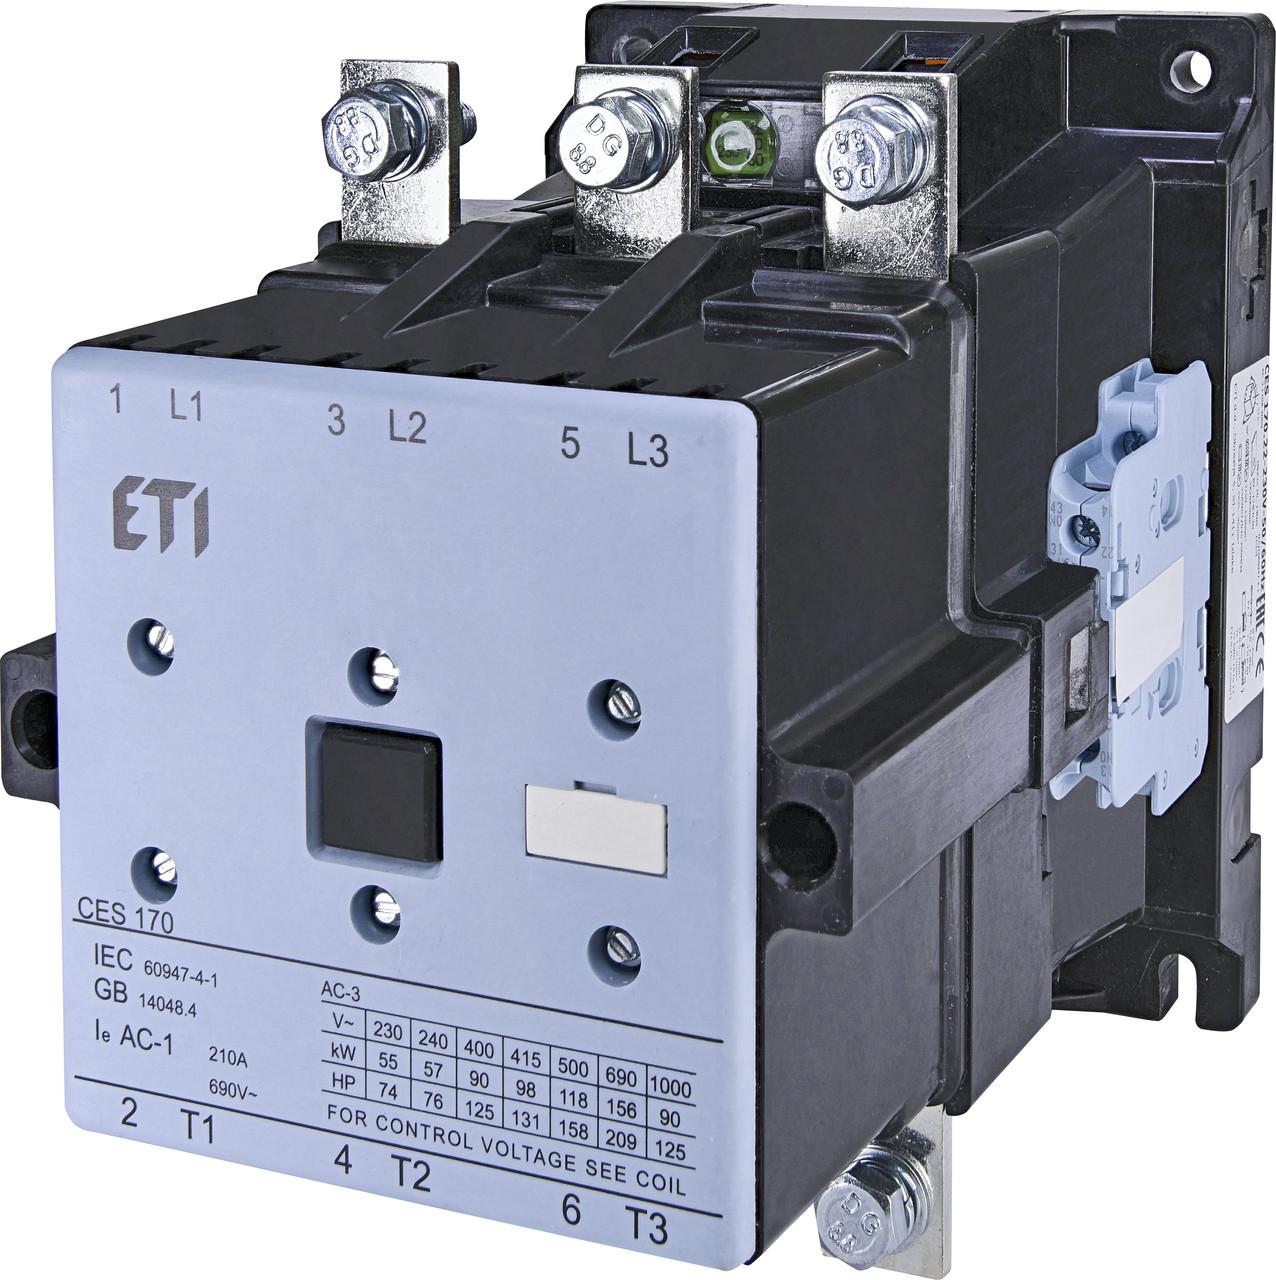 Контактор силовой ETI CES 170.22 170А 230V AC 3NO+2NO+2NC 90kW 4646569 (на DIN-рейку, 210A AC1, 170A AC3)